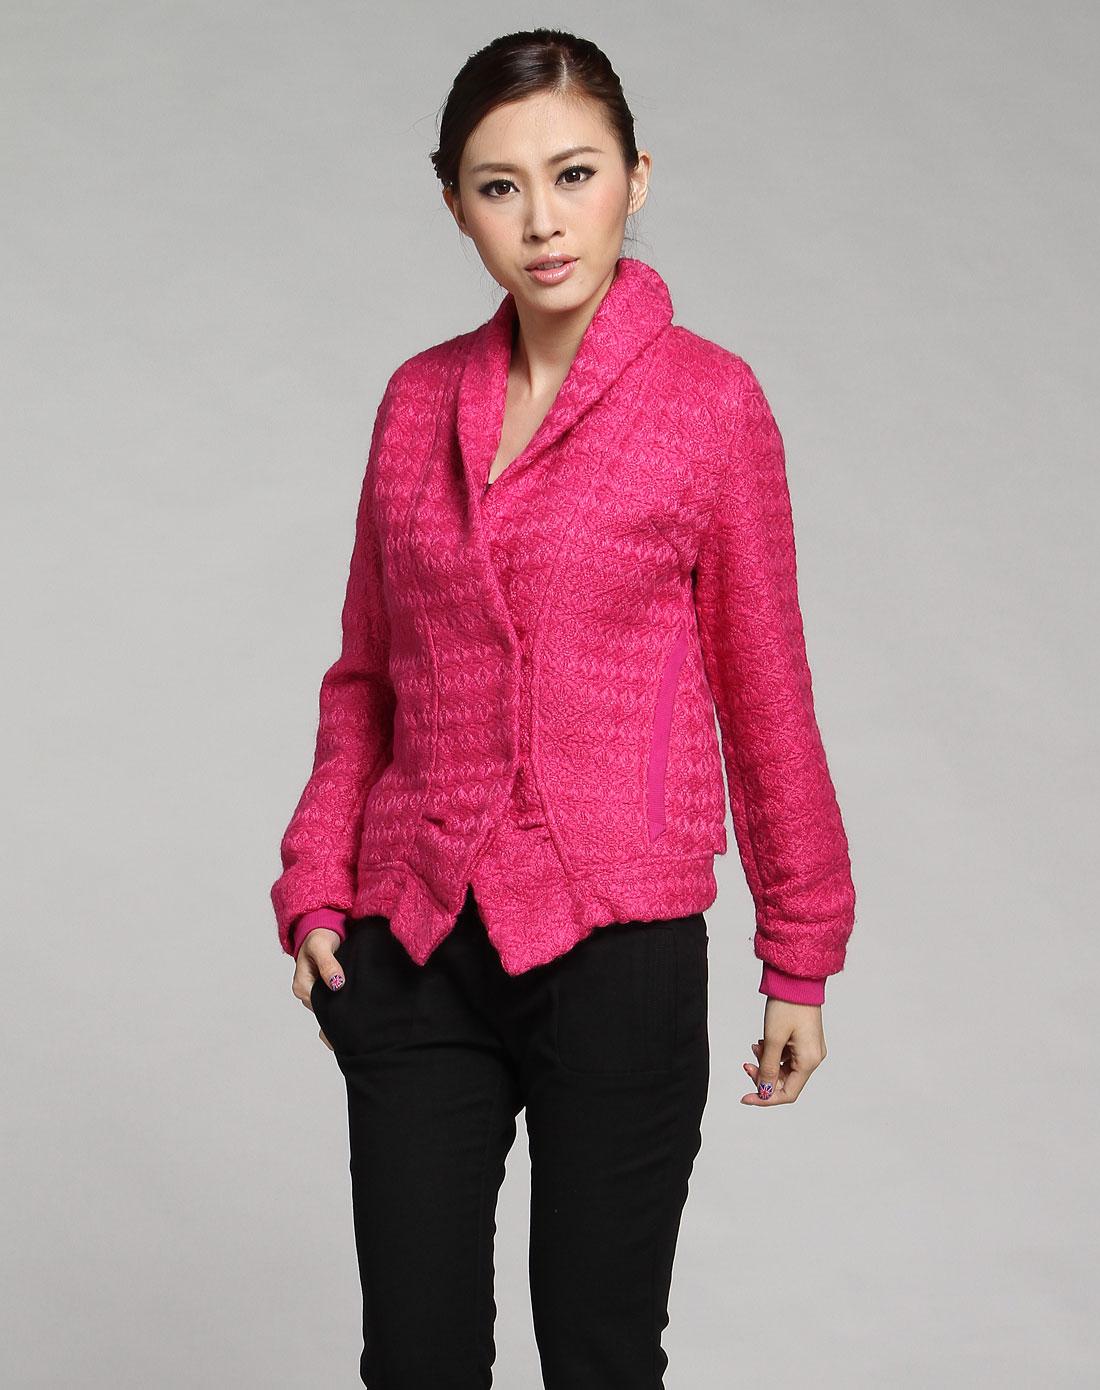 深玫红色时尚针织翻领长袖外套